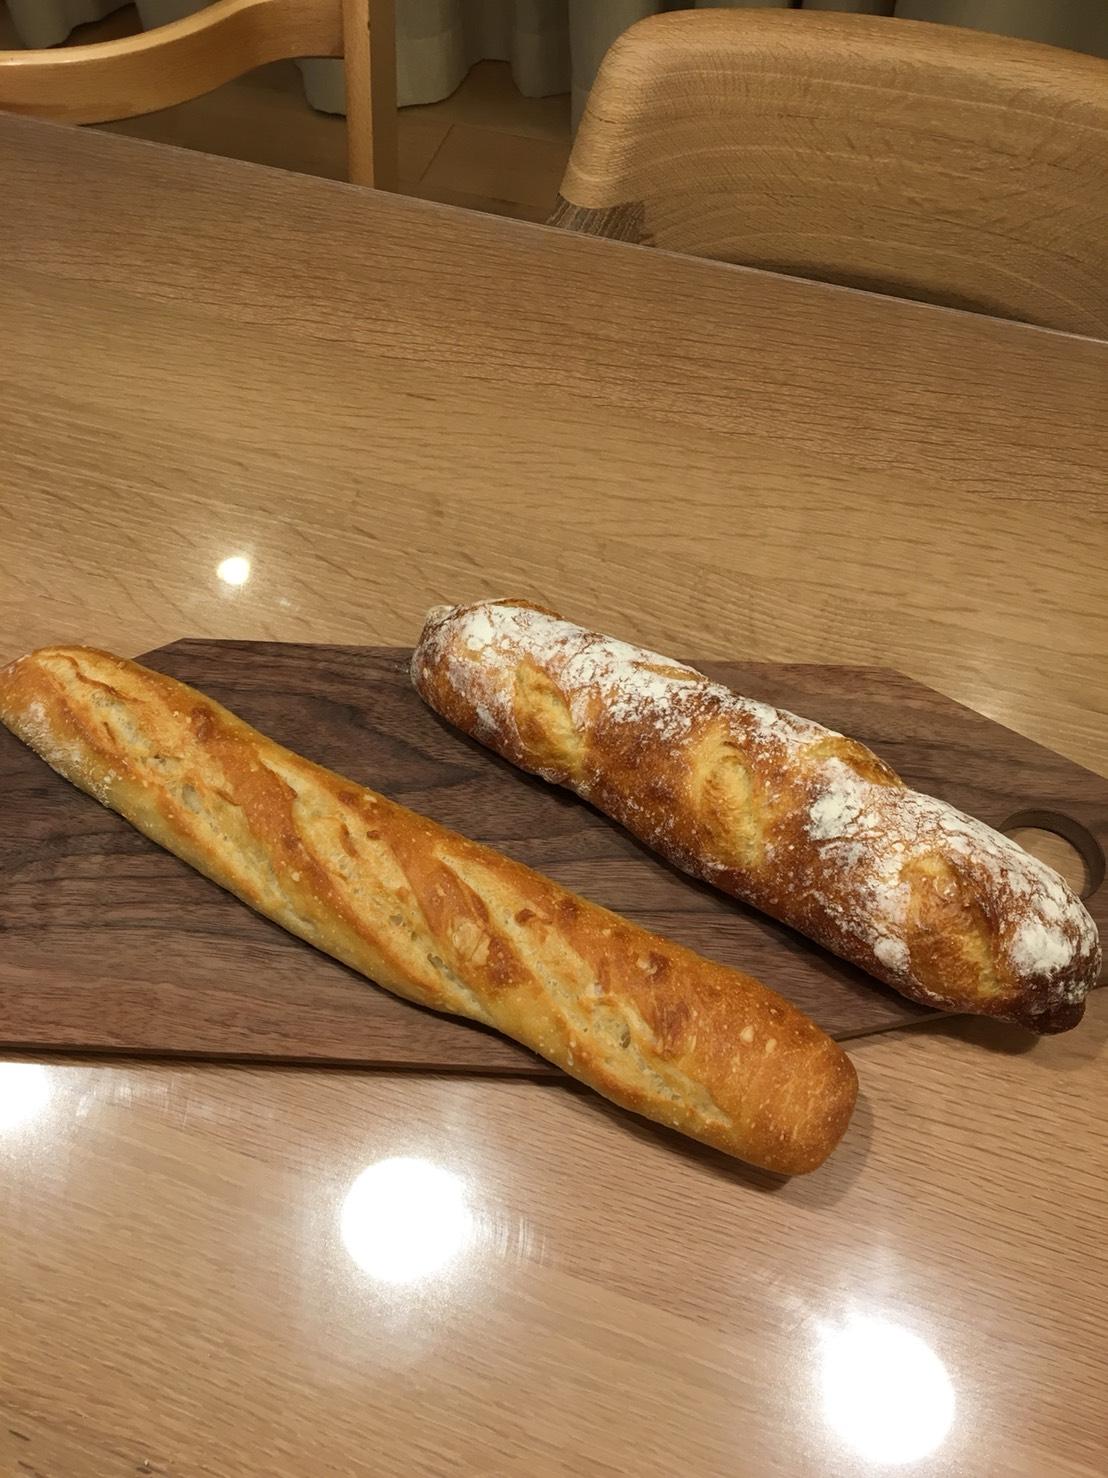 大分県ハードパン対決 引き算VSコムギヤナカシマ 美味しいのはどっち?